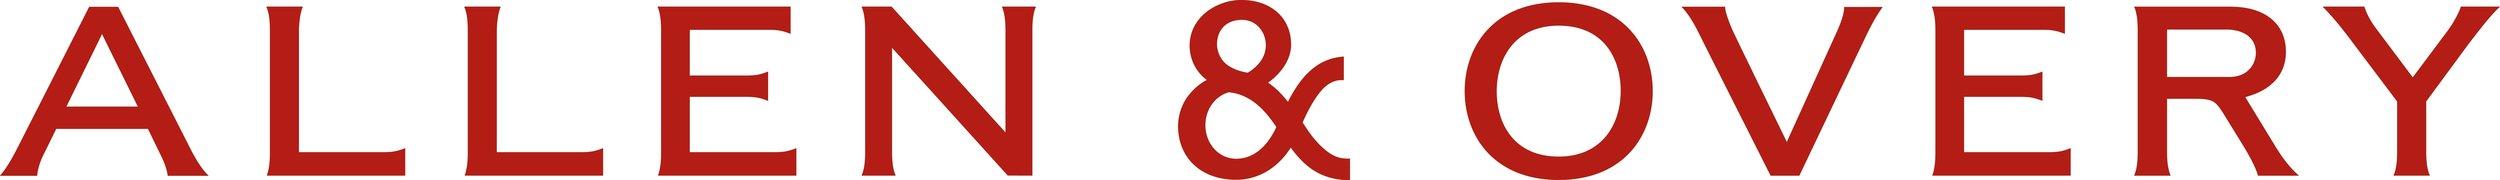 AO_logo_l.jpg